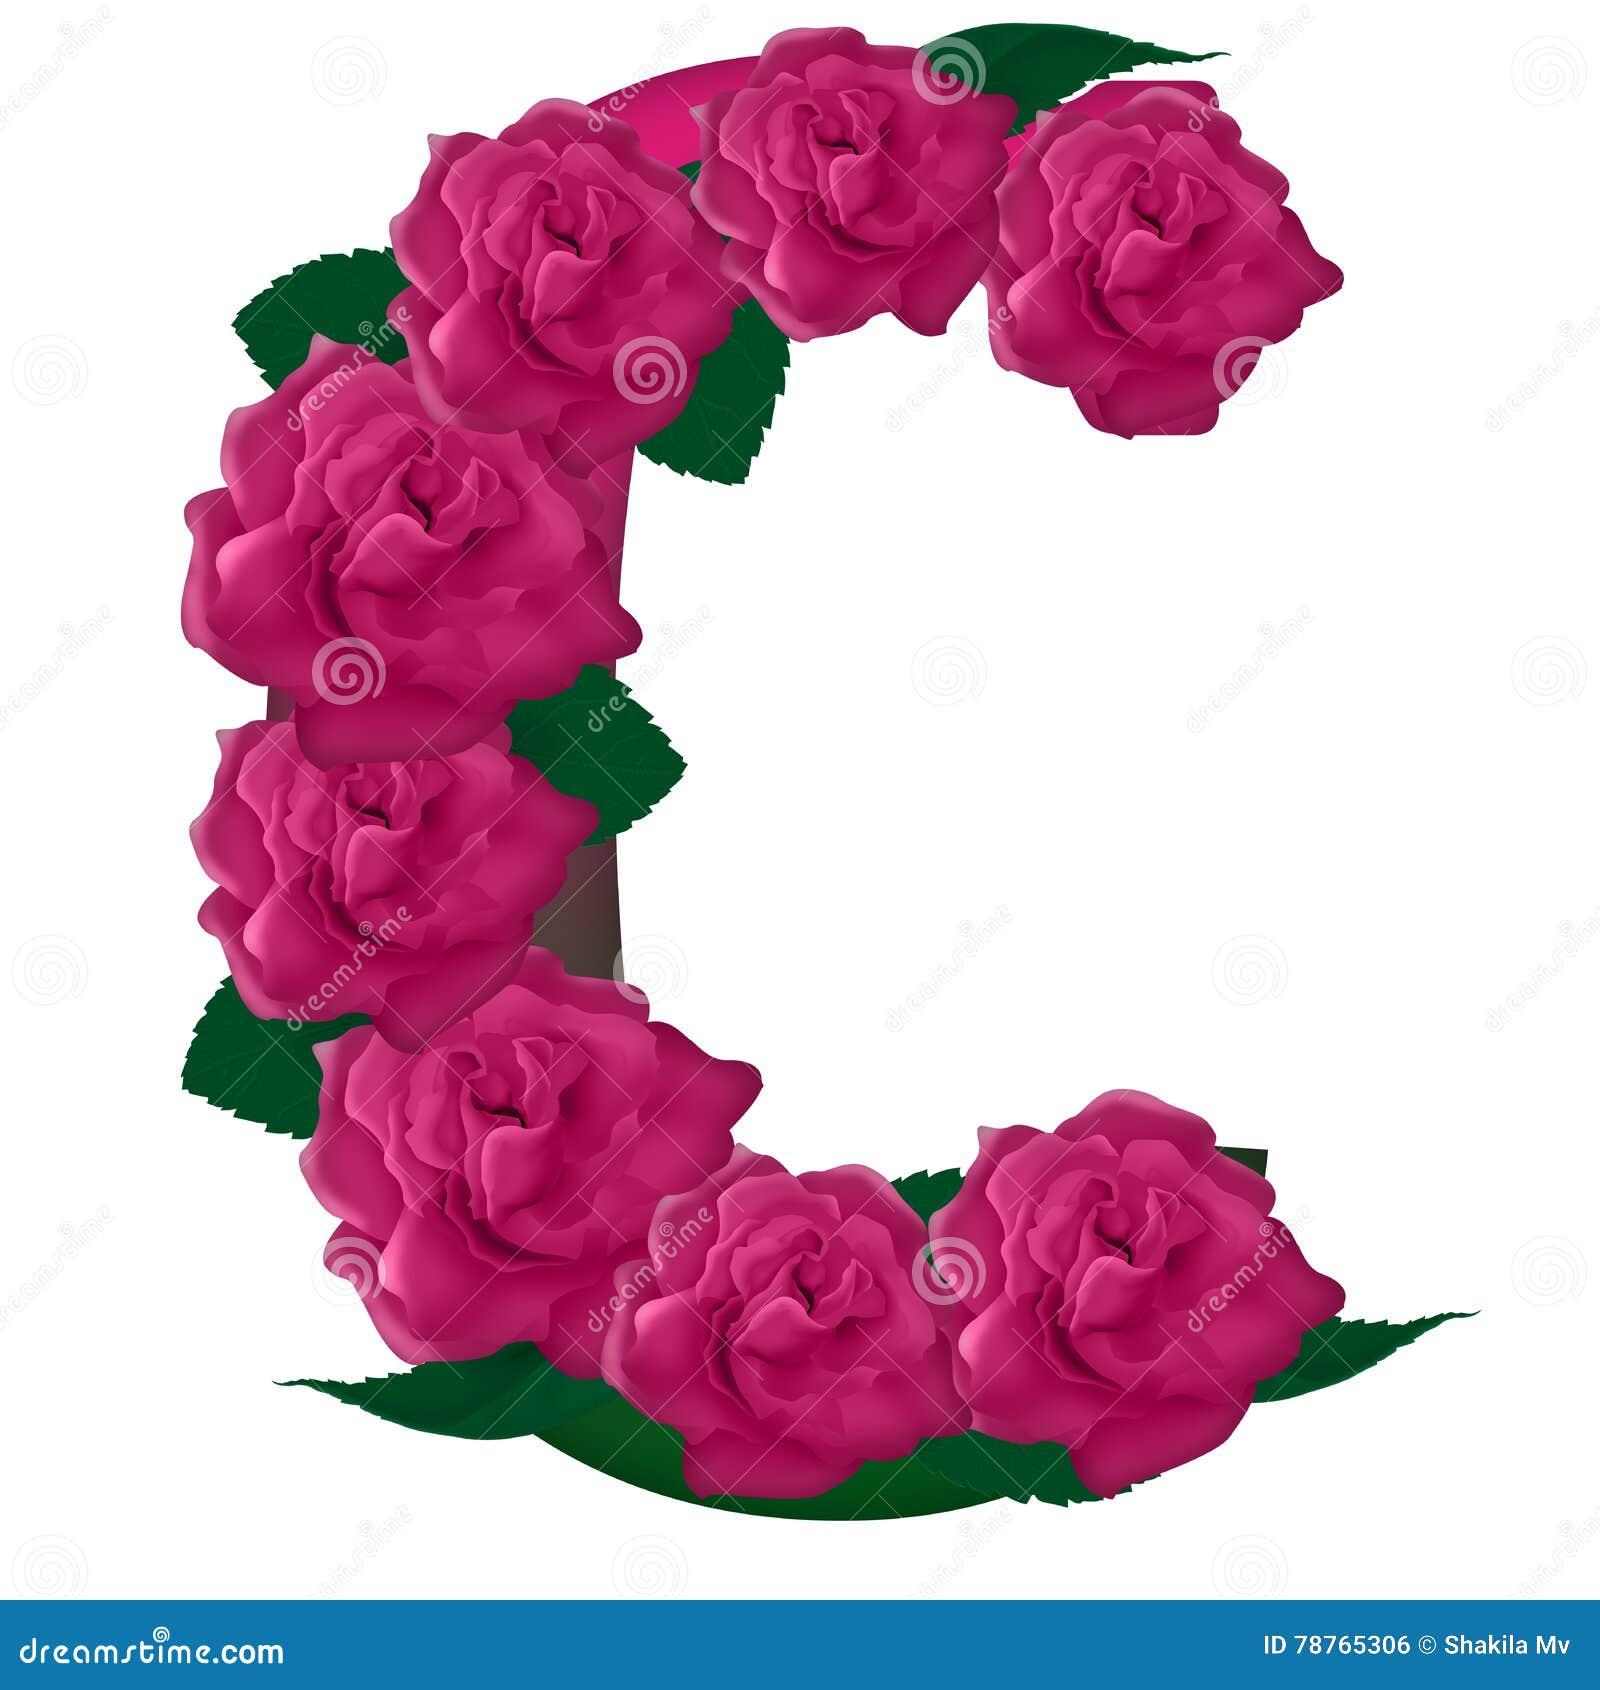 Letter C Cute Flower Illustration Stock Photo - Illustration of ...